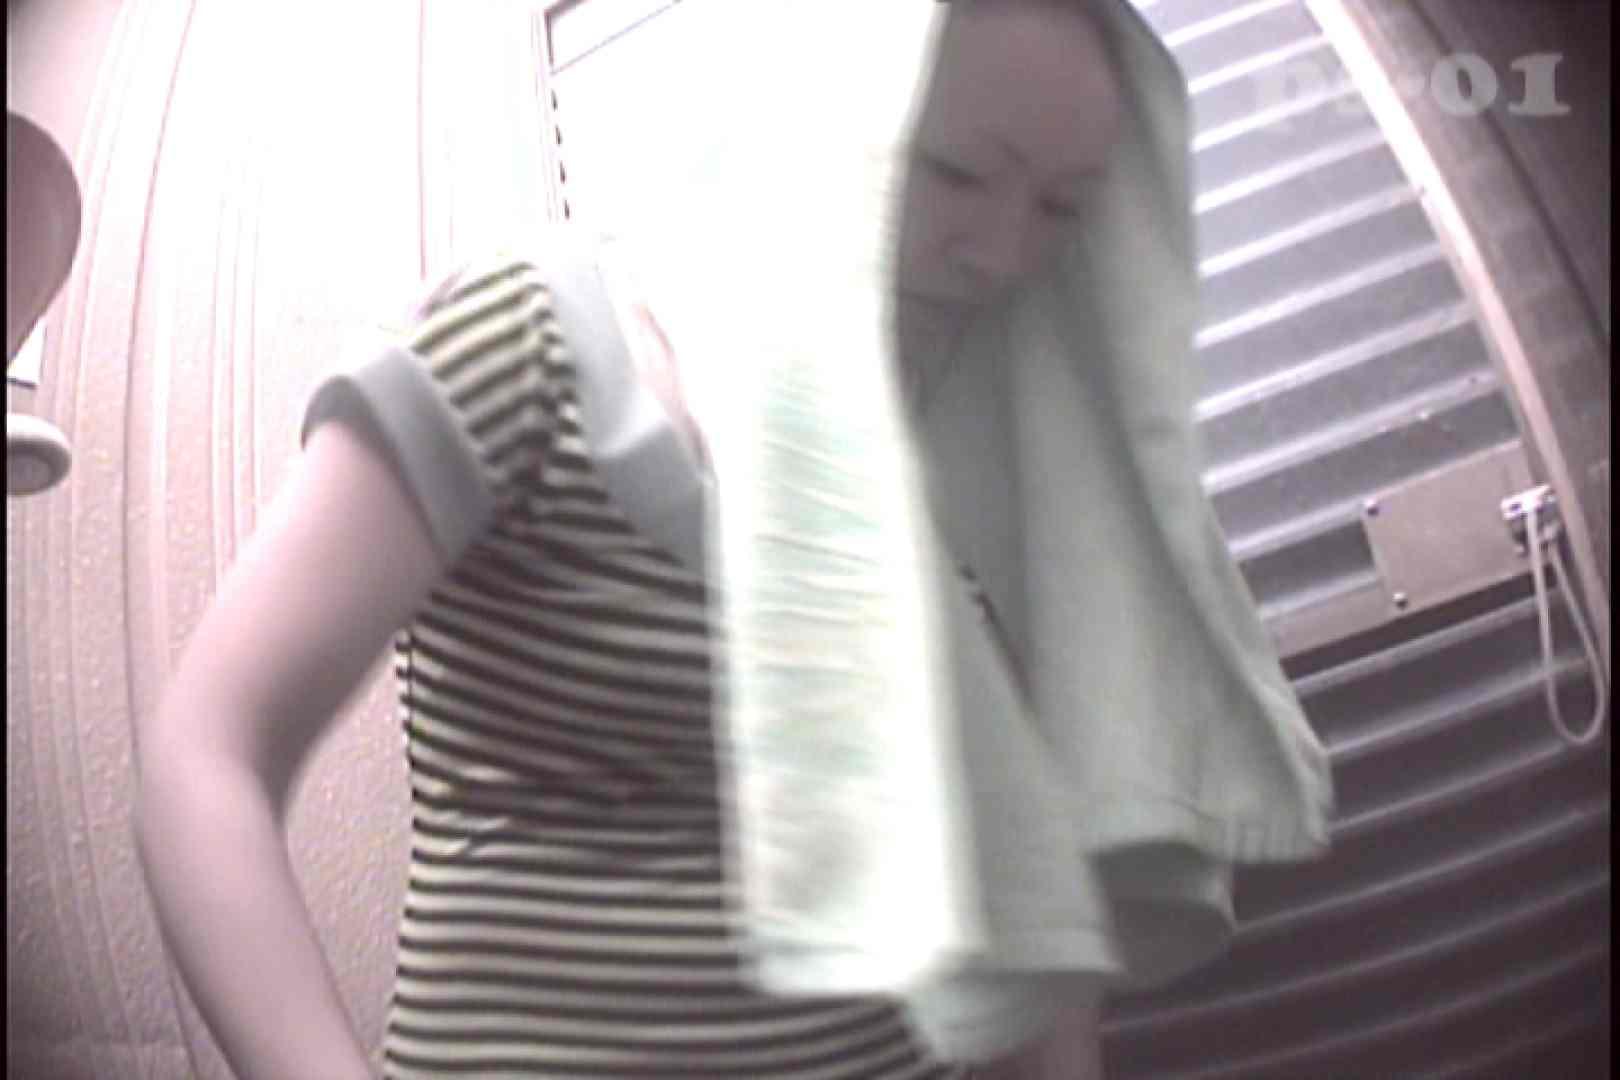 File.01 へそピアスのお姉さん、ちょっと強引な無駄毛処理 脱衣所 | お姉さん  29PICs 11